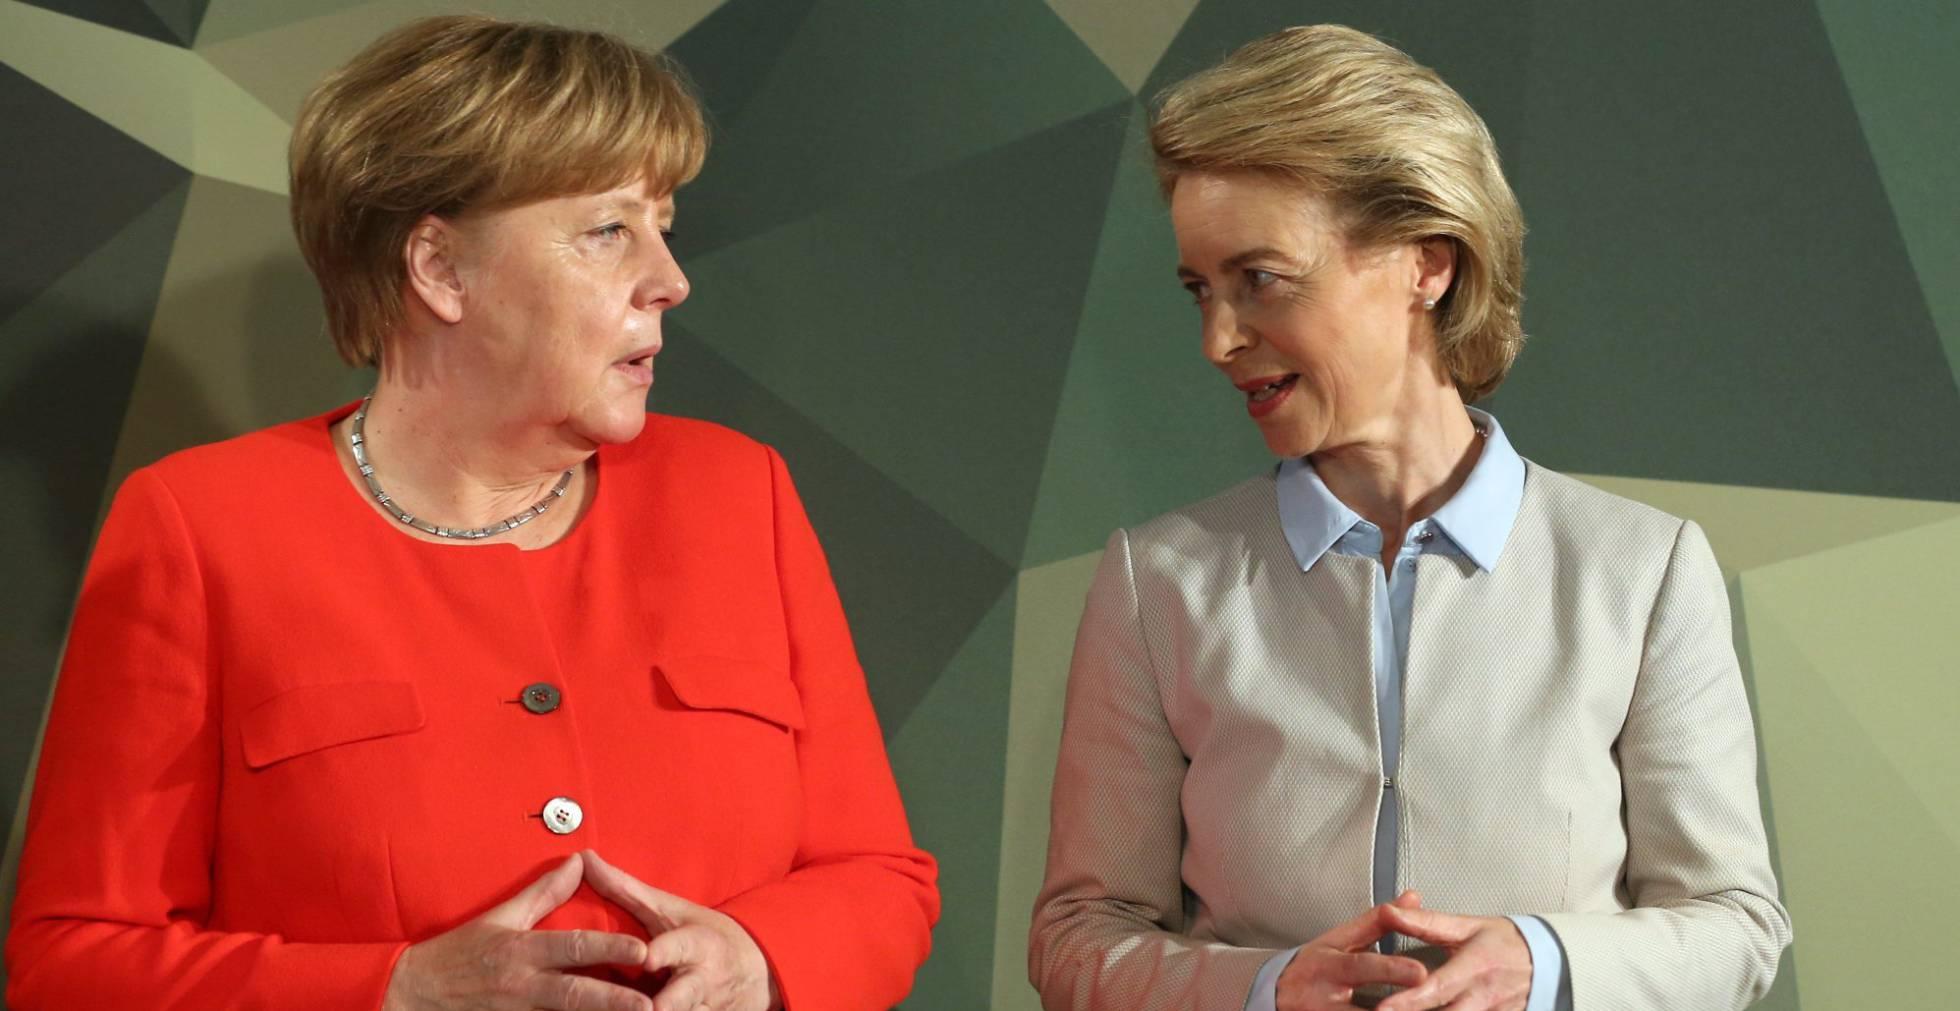 Alemania redefine su politica de seguridad nacional. - Página 2 1526319361_254723_1526319669_noticia_normal_recorte1